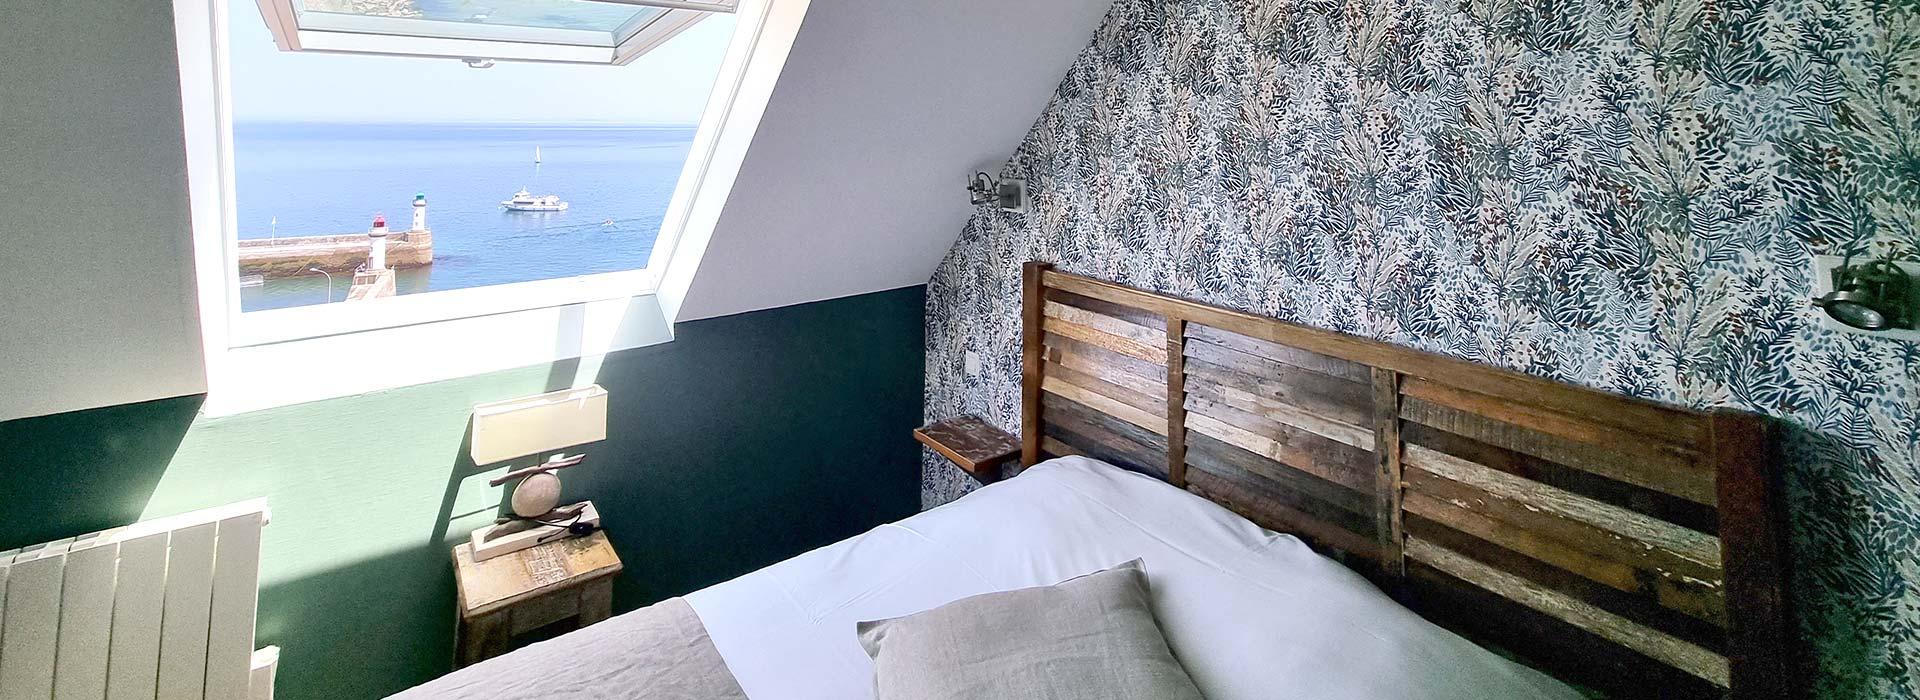 Une chambre avec vue sur mer